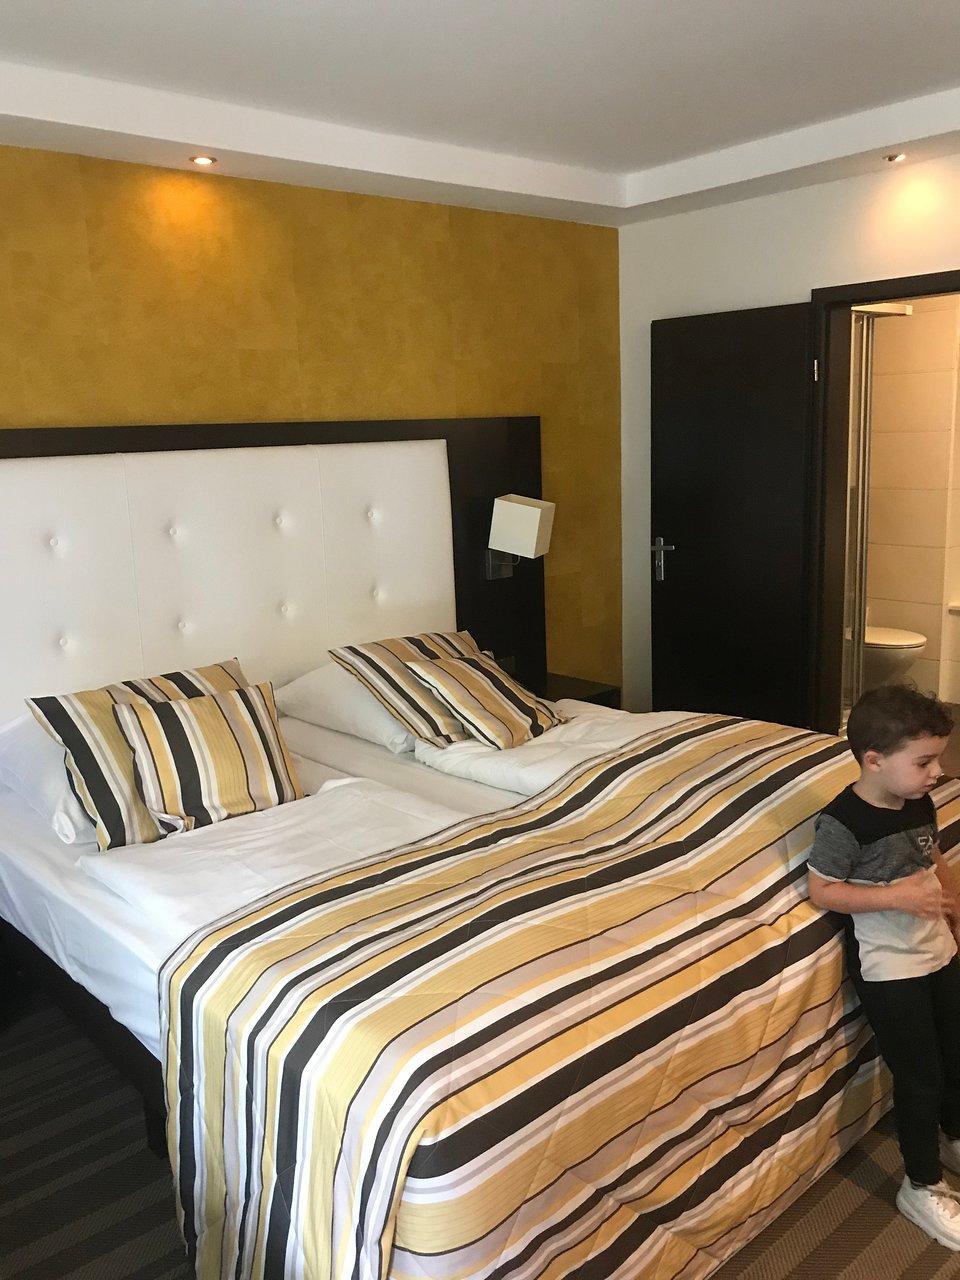 HOTEL MOERS VAN DER VALK: Bewertungen, Fotos & Preisvergleich ...